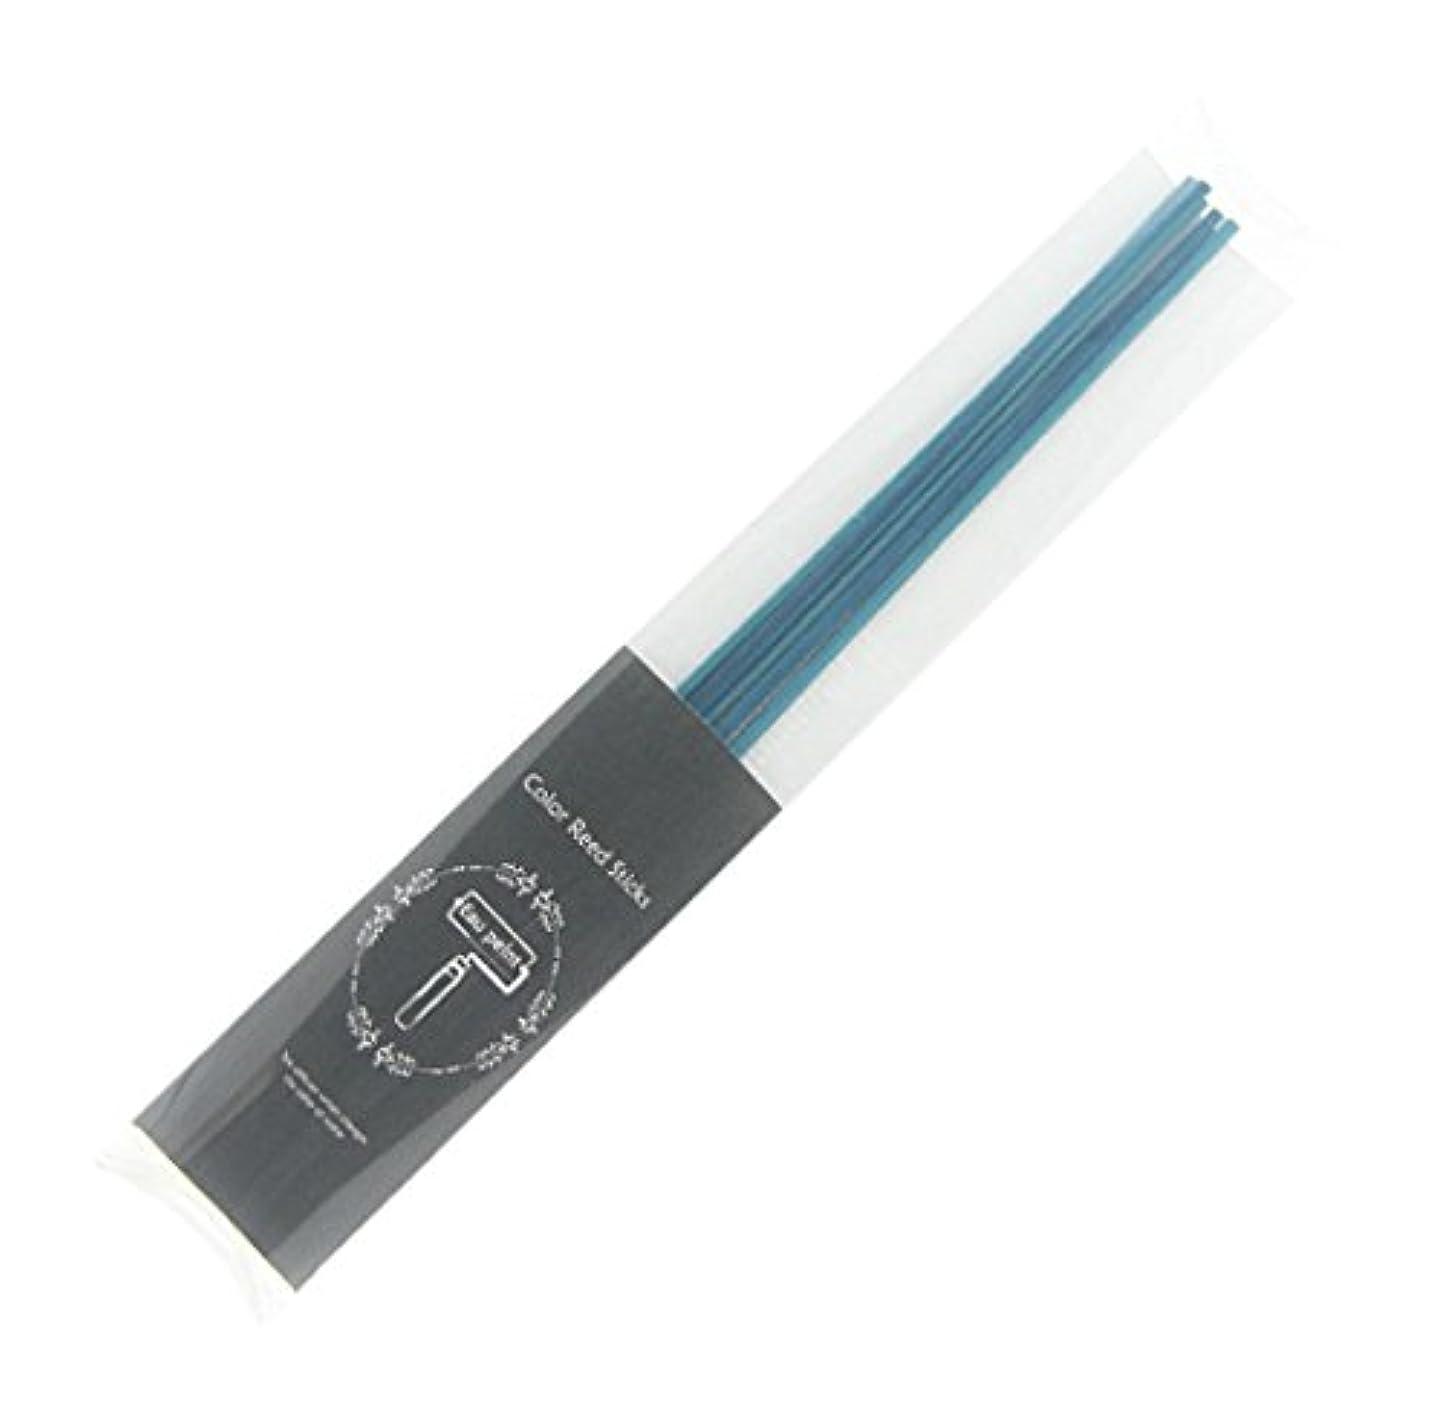 ゆりかご更新するワイプEau peint mais+ カラースティック リードディフューザー用スティック 5本入 ブルー Blue オーペイント マイス